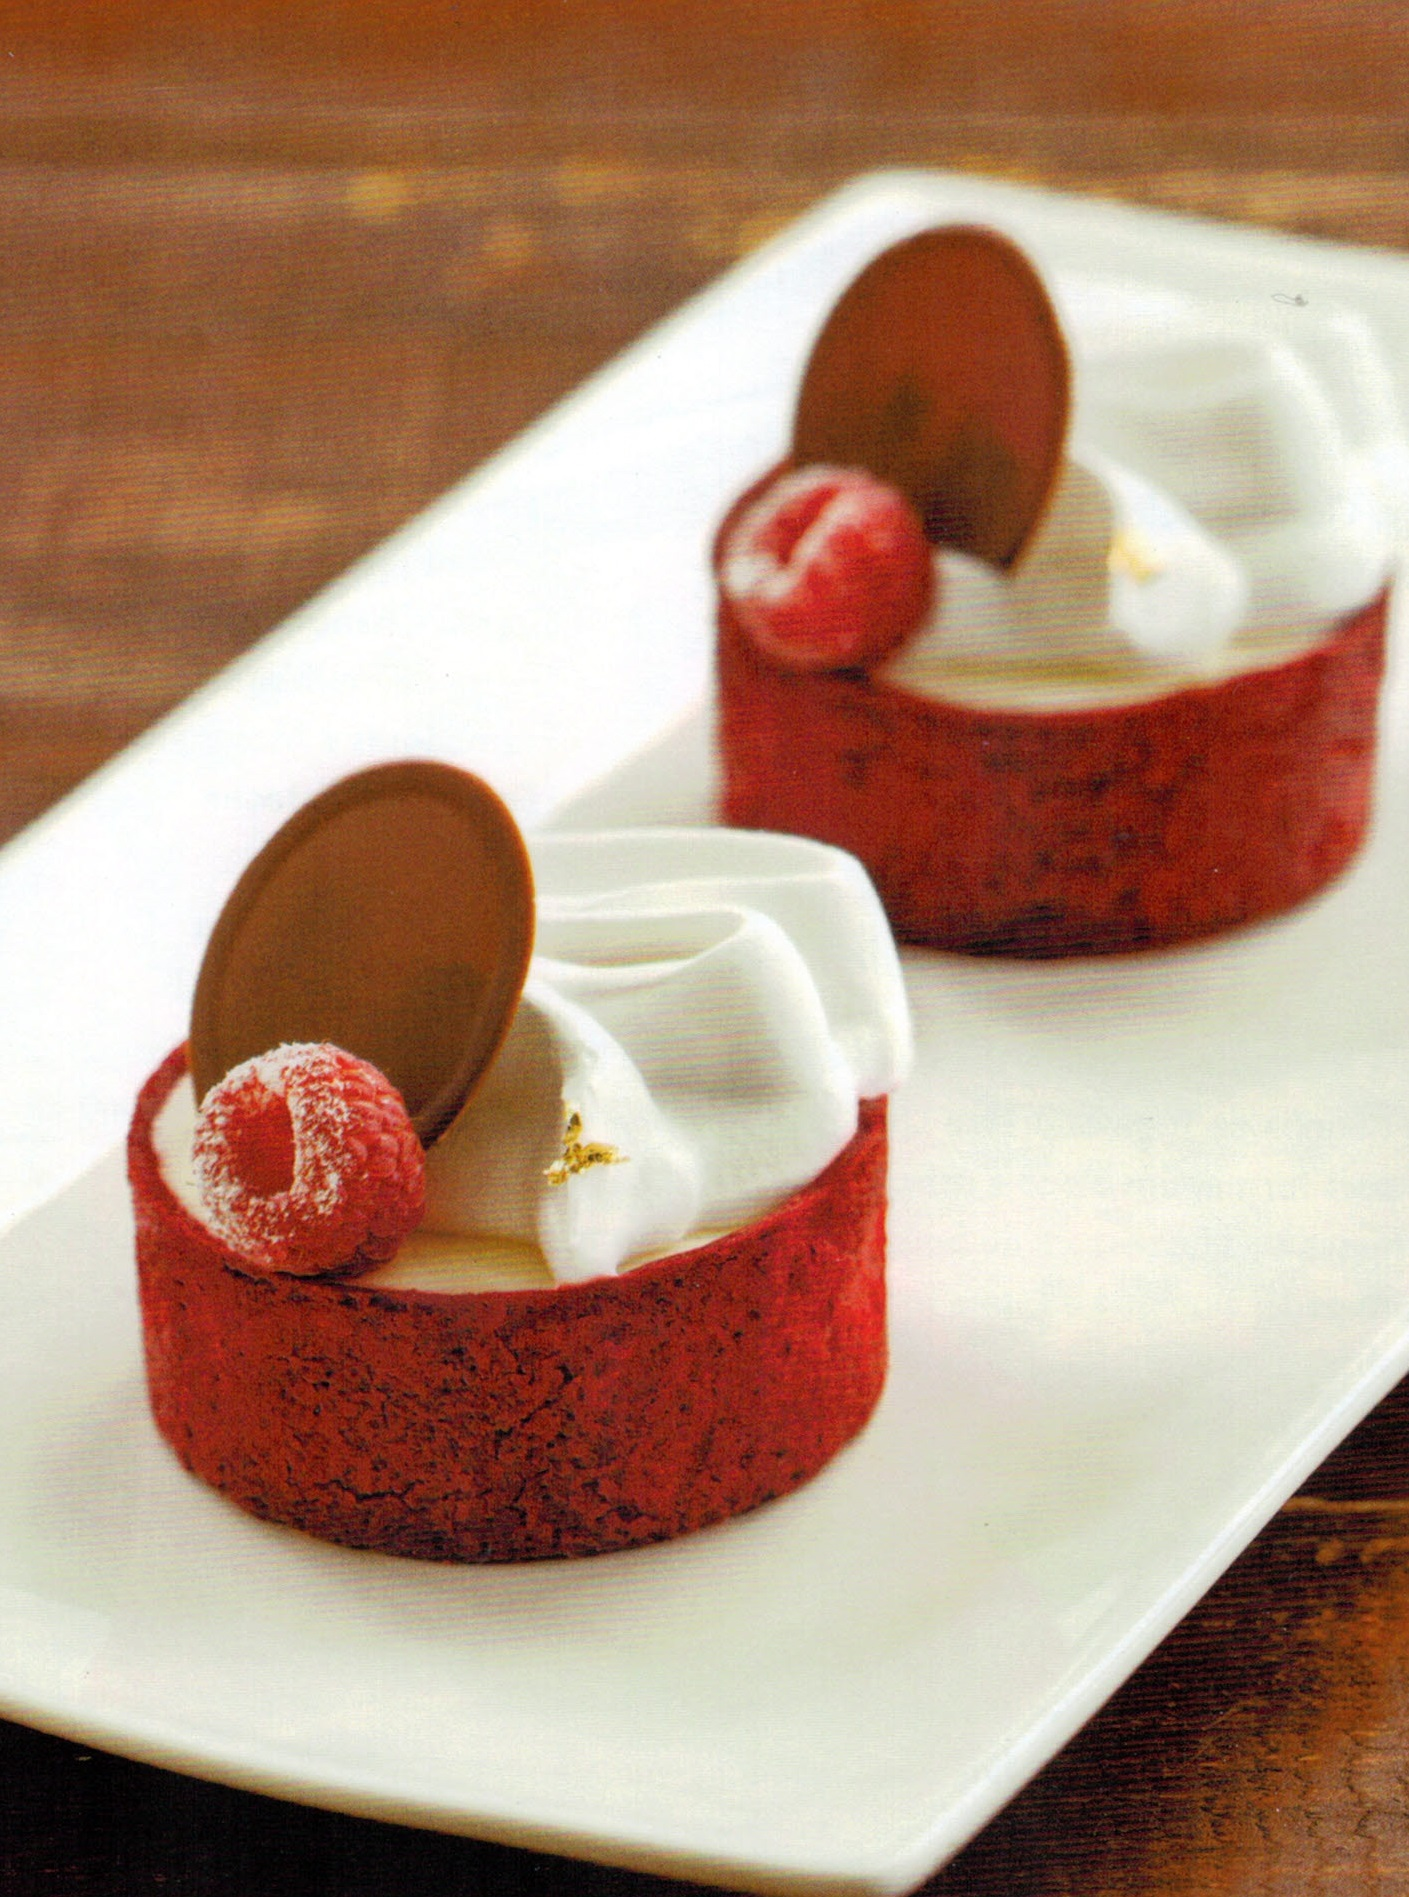 Tortelete  de Iogurte com Frutas Vermelhas